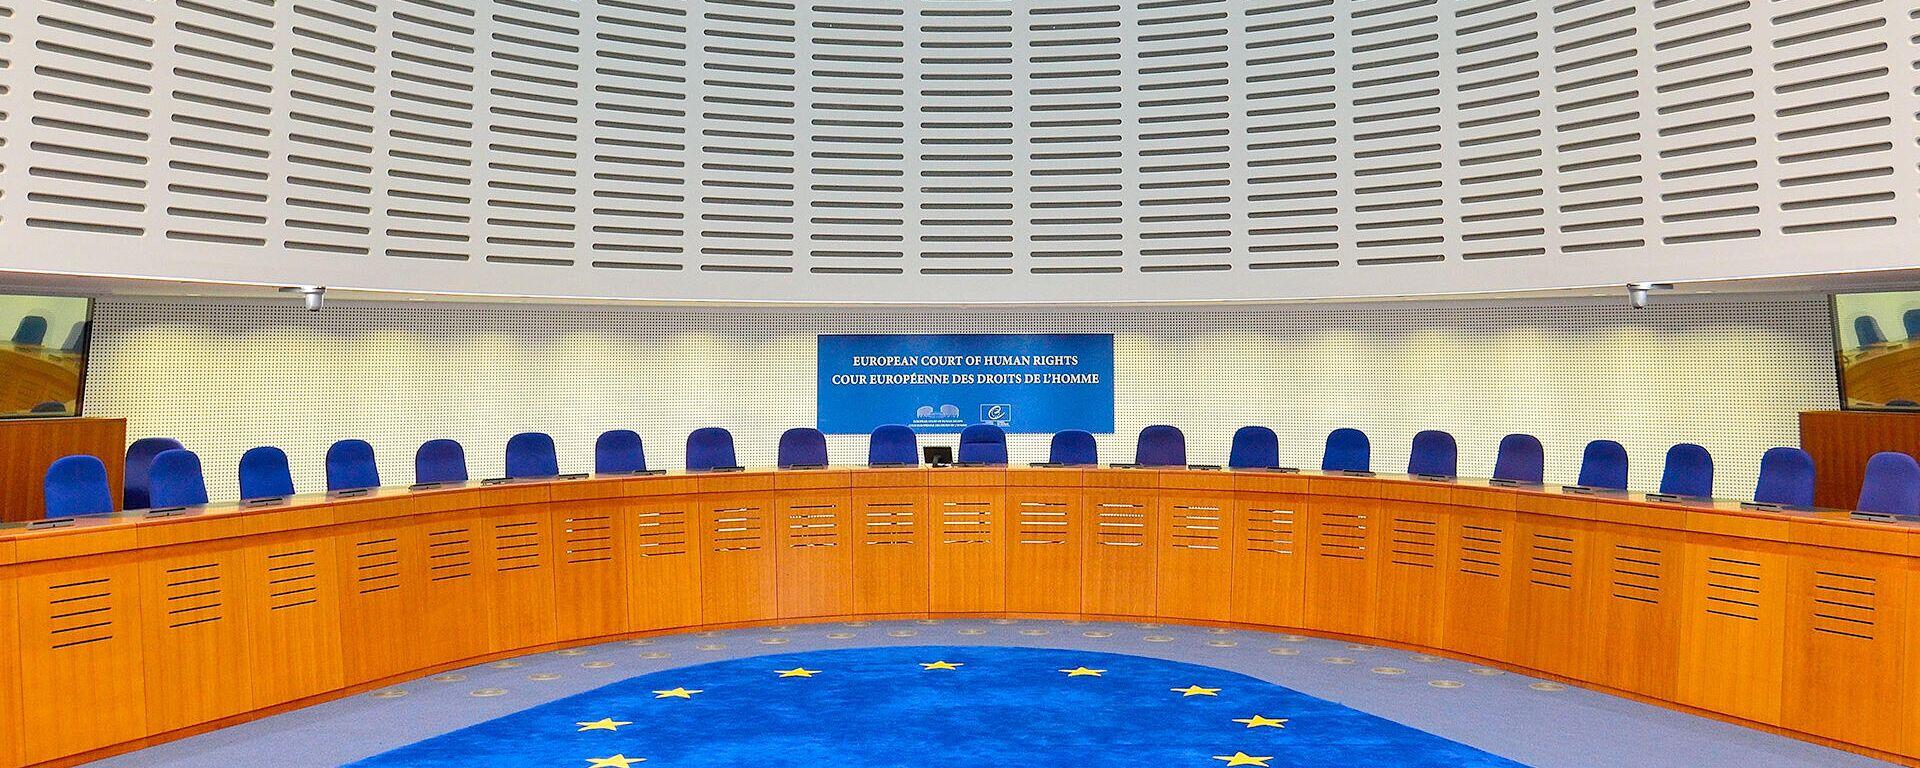 Европейский суд по правам человека - Sputnik Латвия, 1920, 22.07.2021